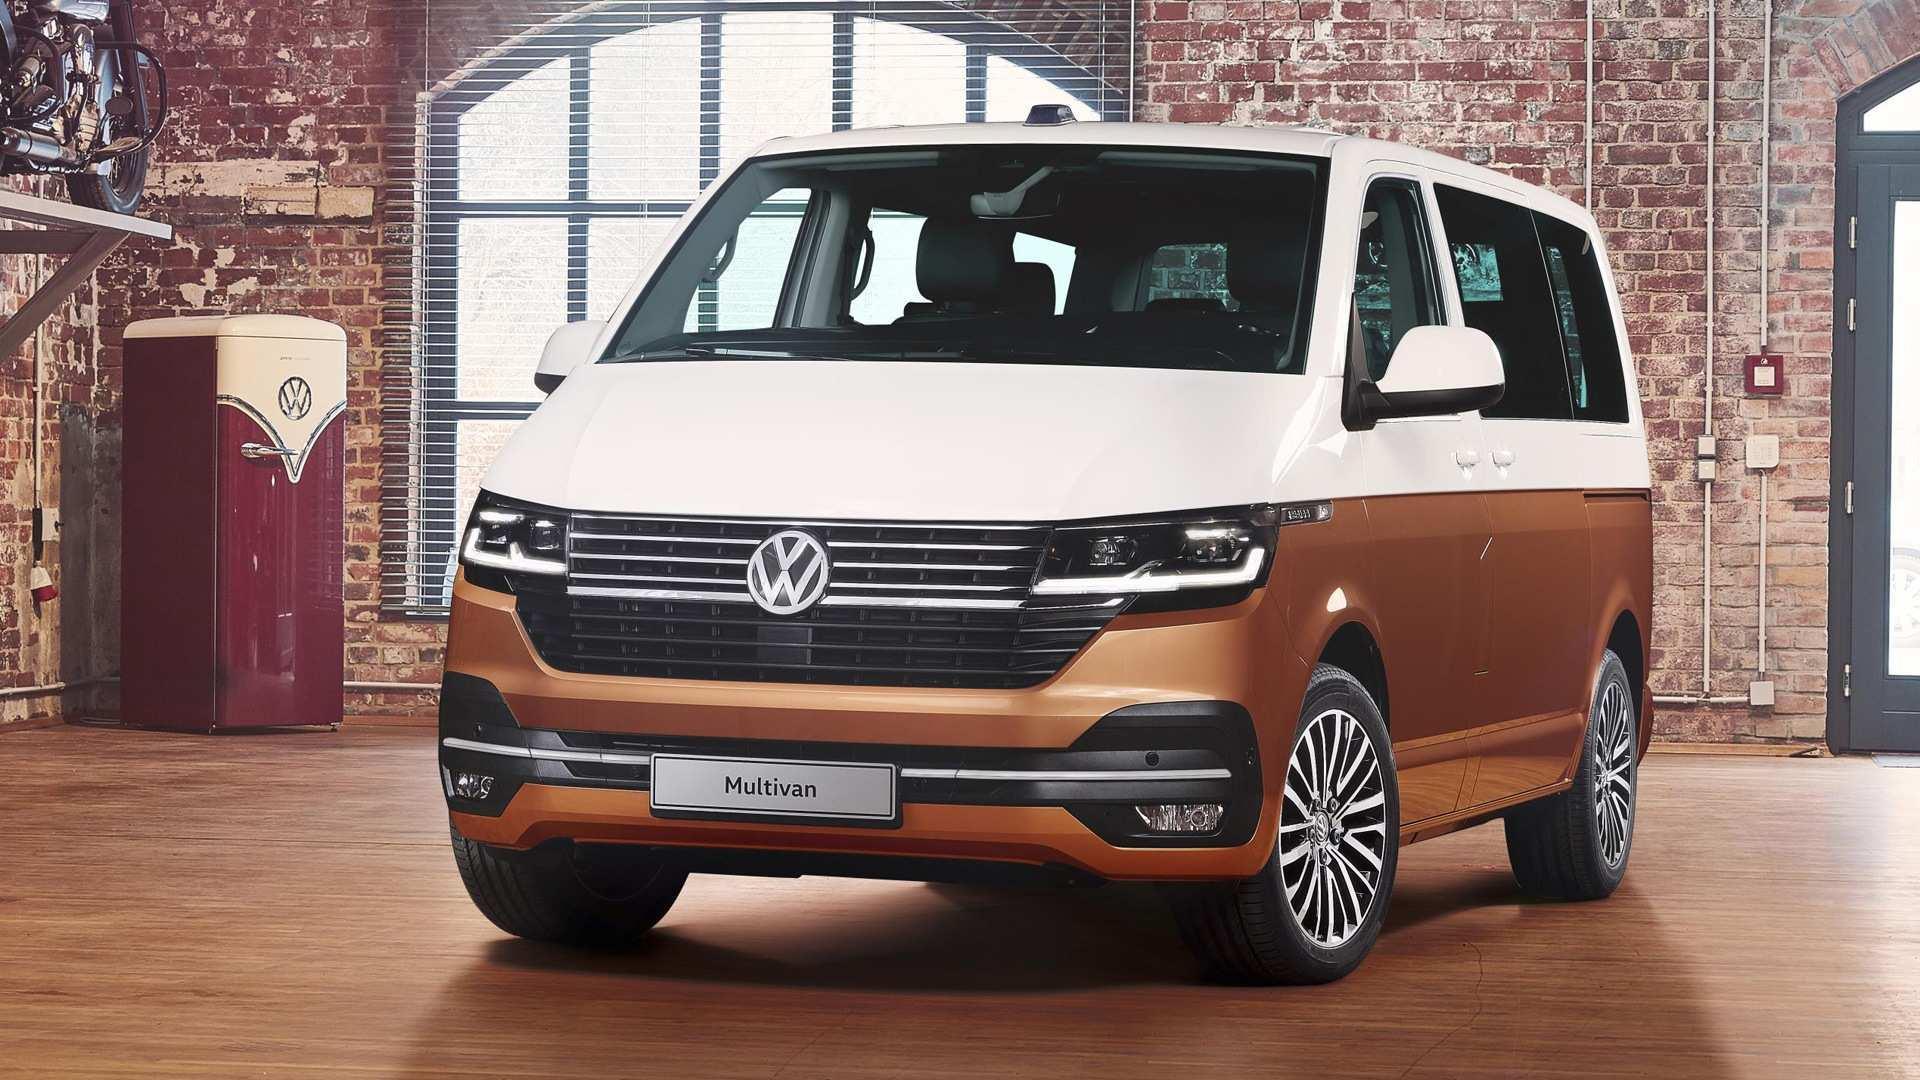 49 Gallery of 2020 Volkswagen Transporter Configurations with 2020 Volkswagen Transporter